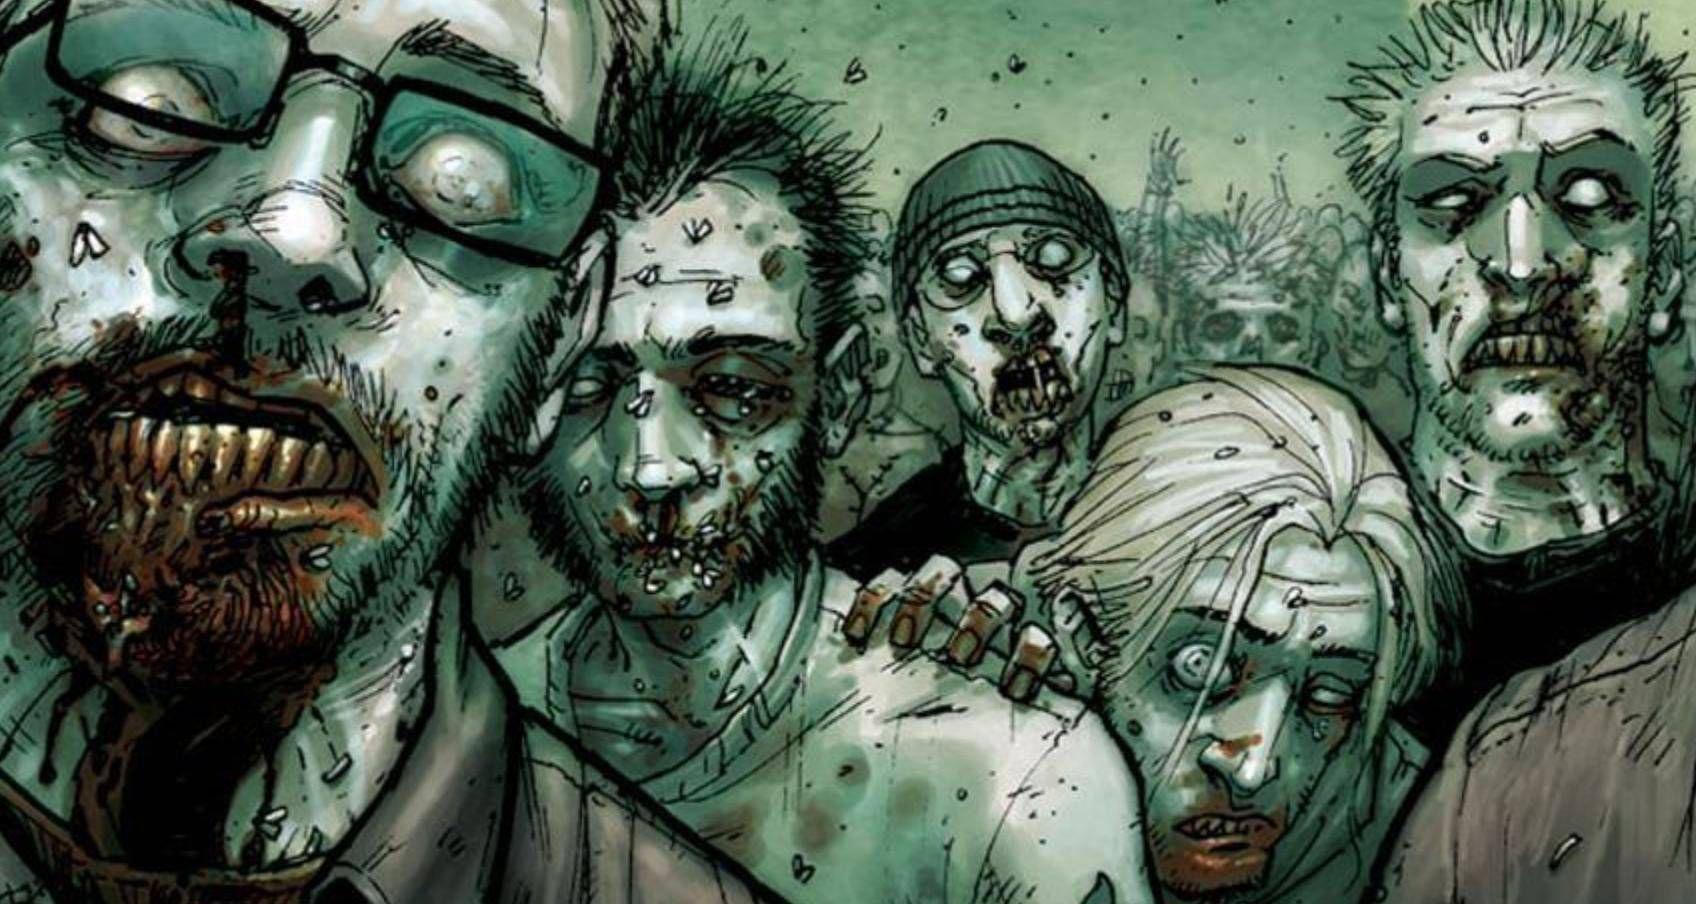 En tu trayecto de buscar suministros y/o un lugar seguro, te encuentras con un grupo de zombies.